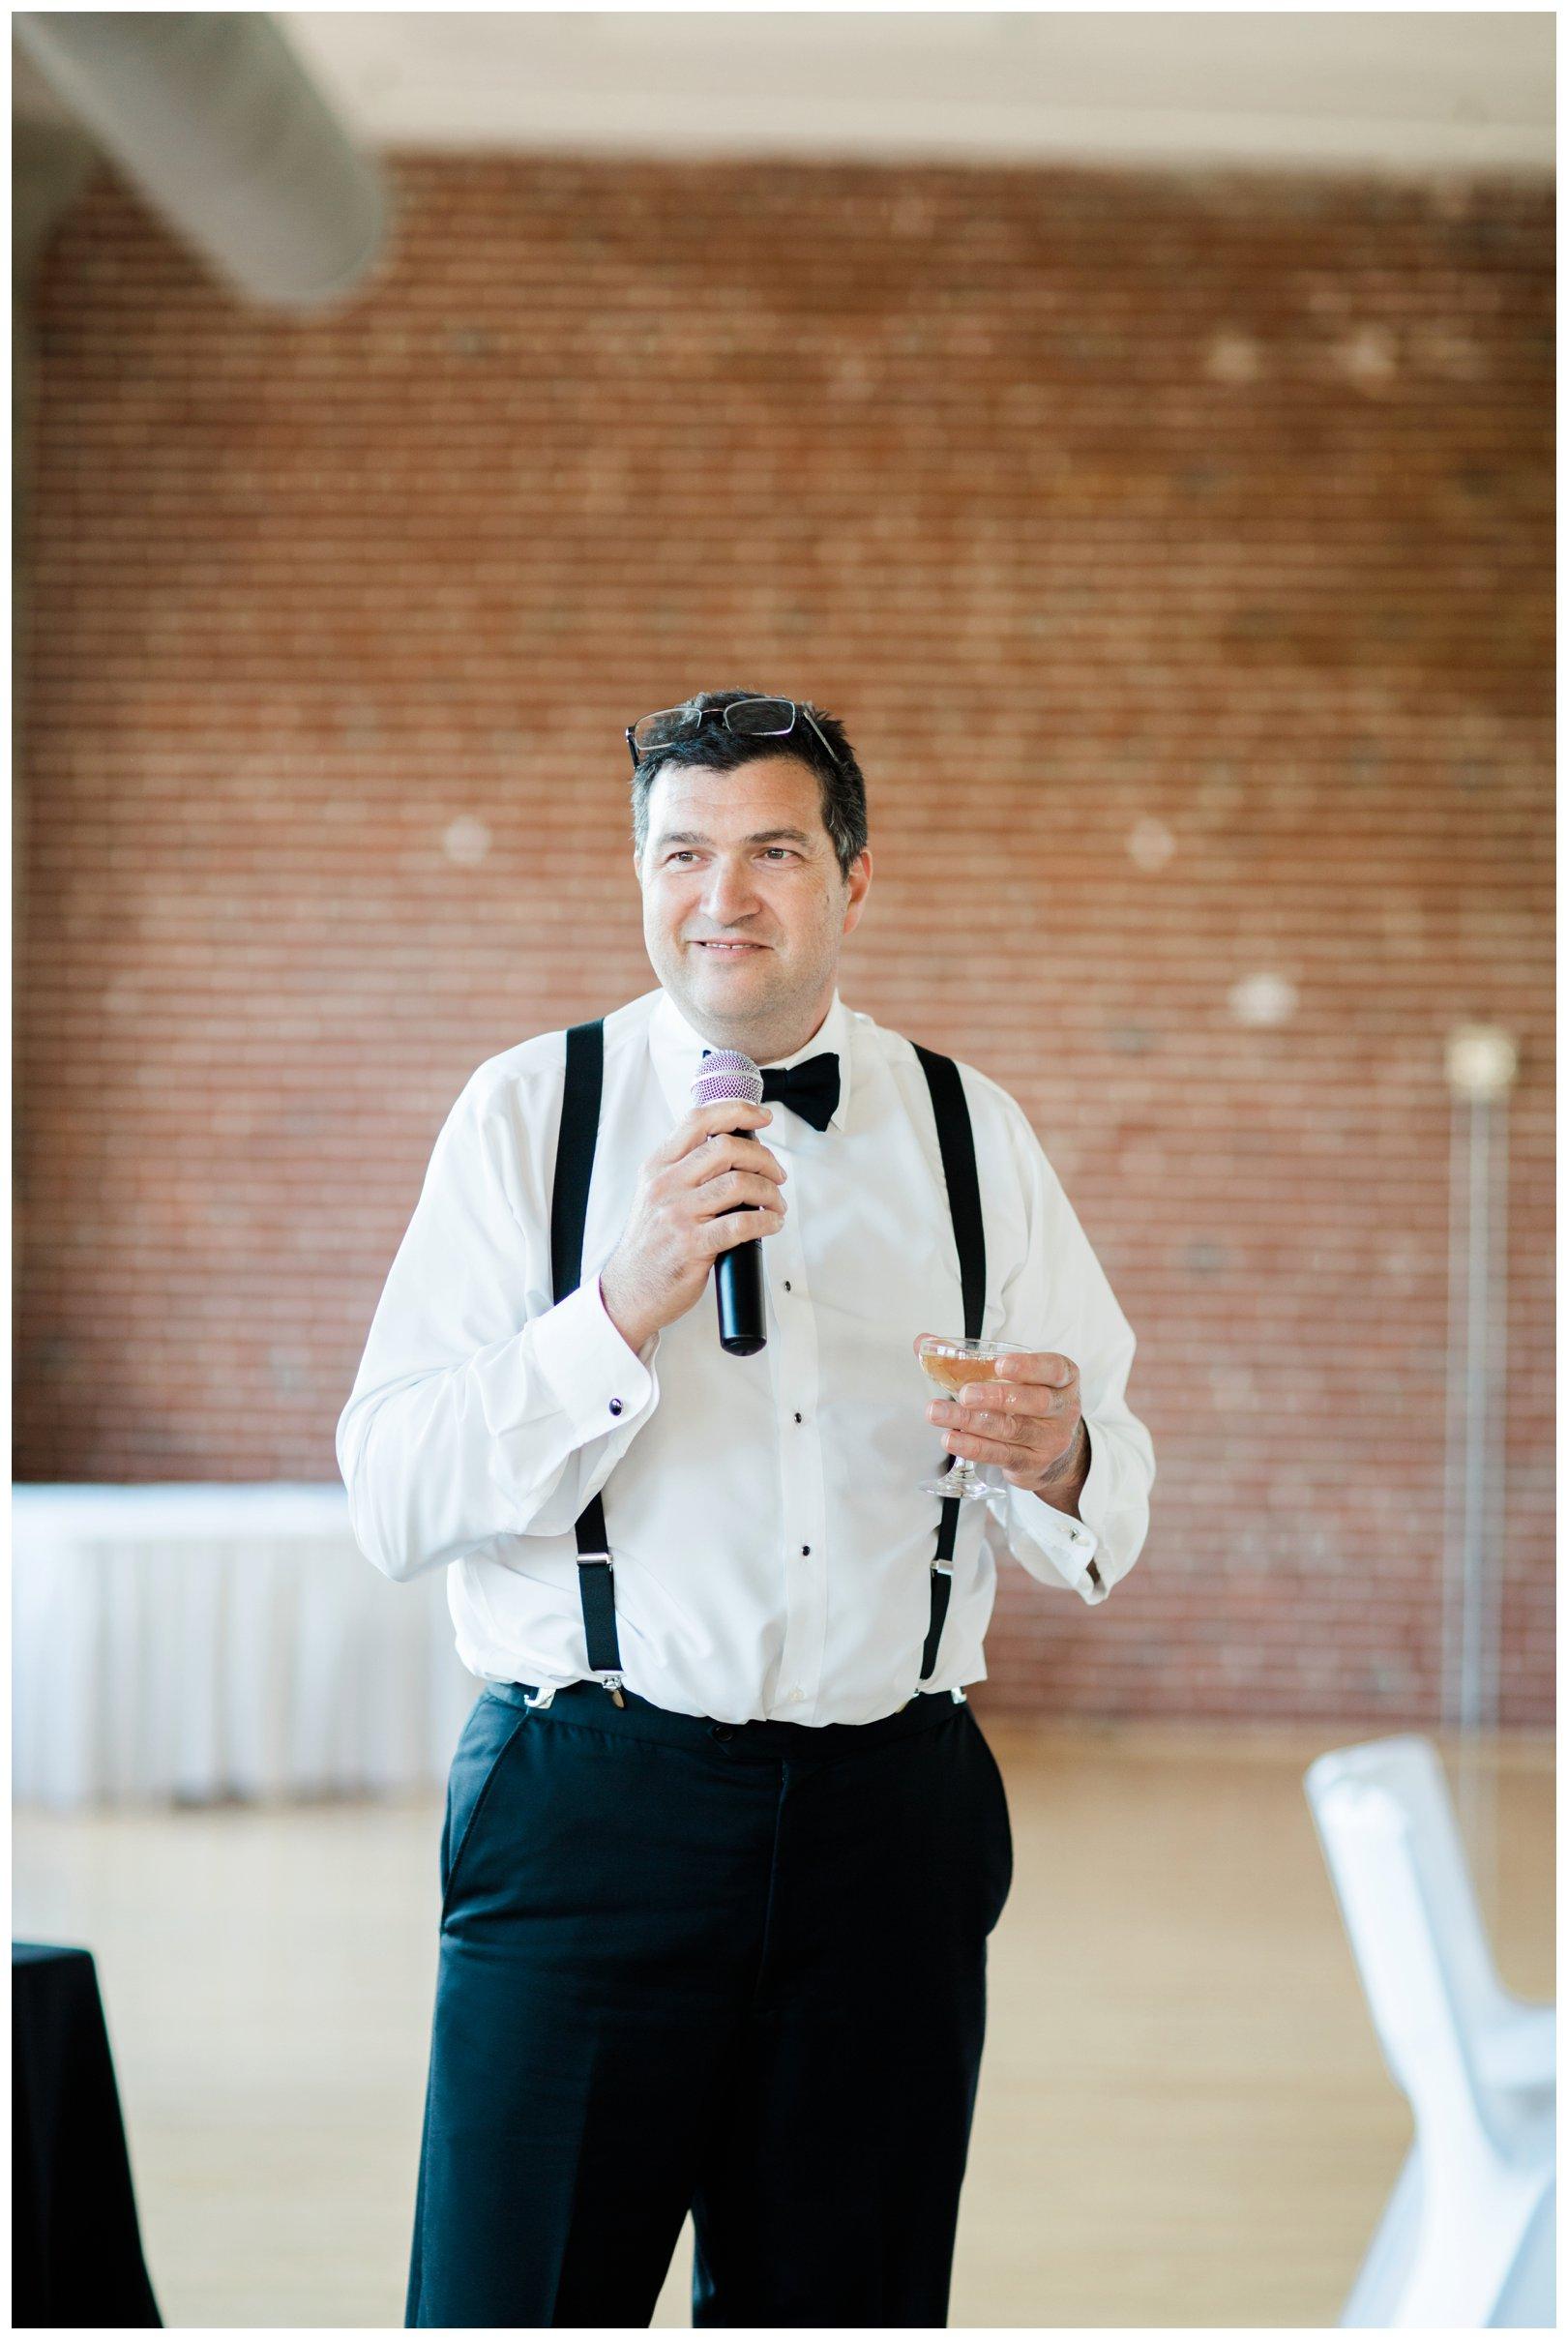 lauren muckler photography_fine art film wedding photography_st louis_photography_1331.jpg